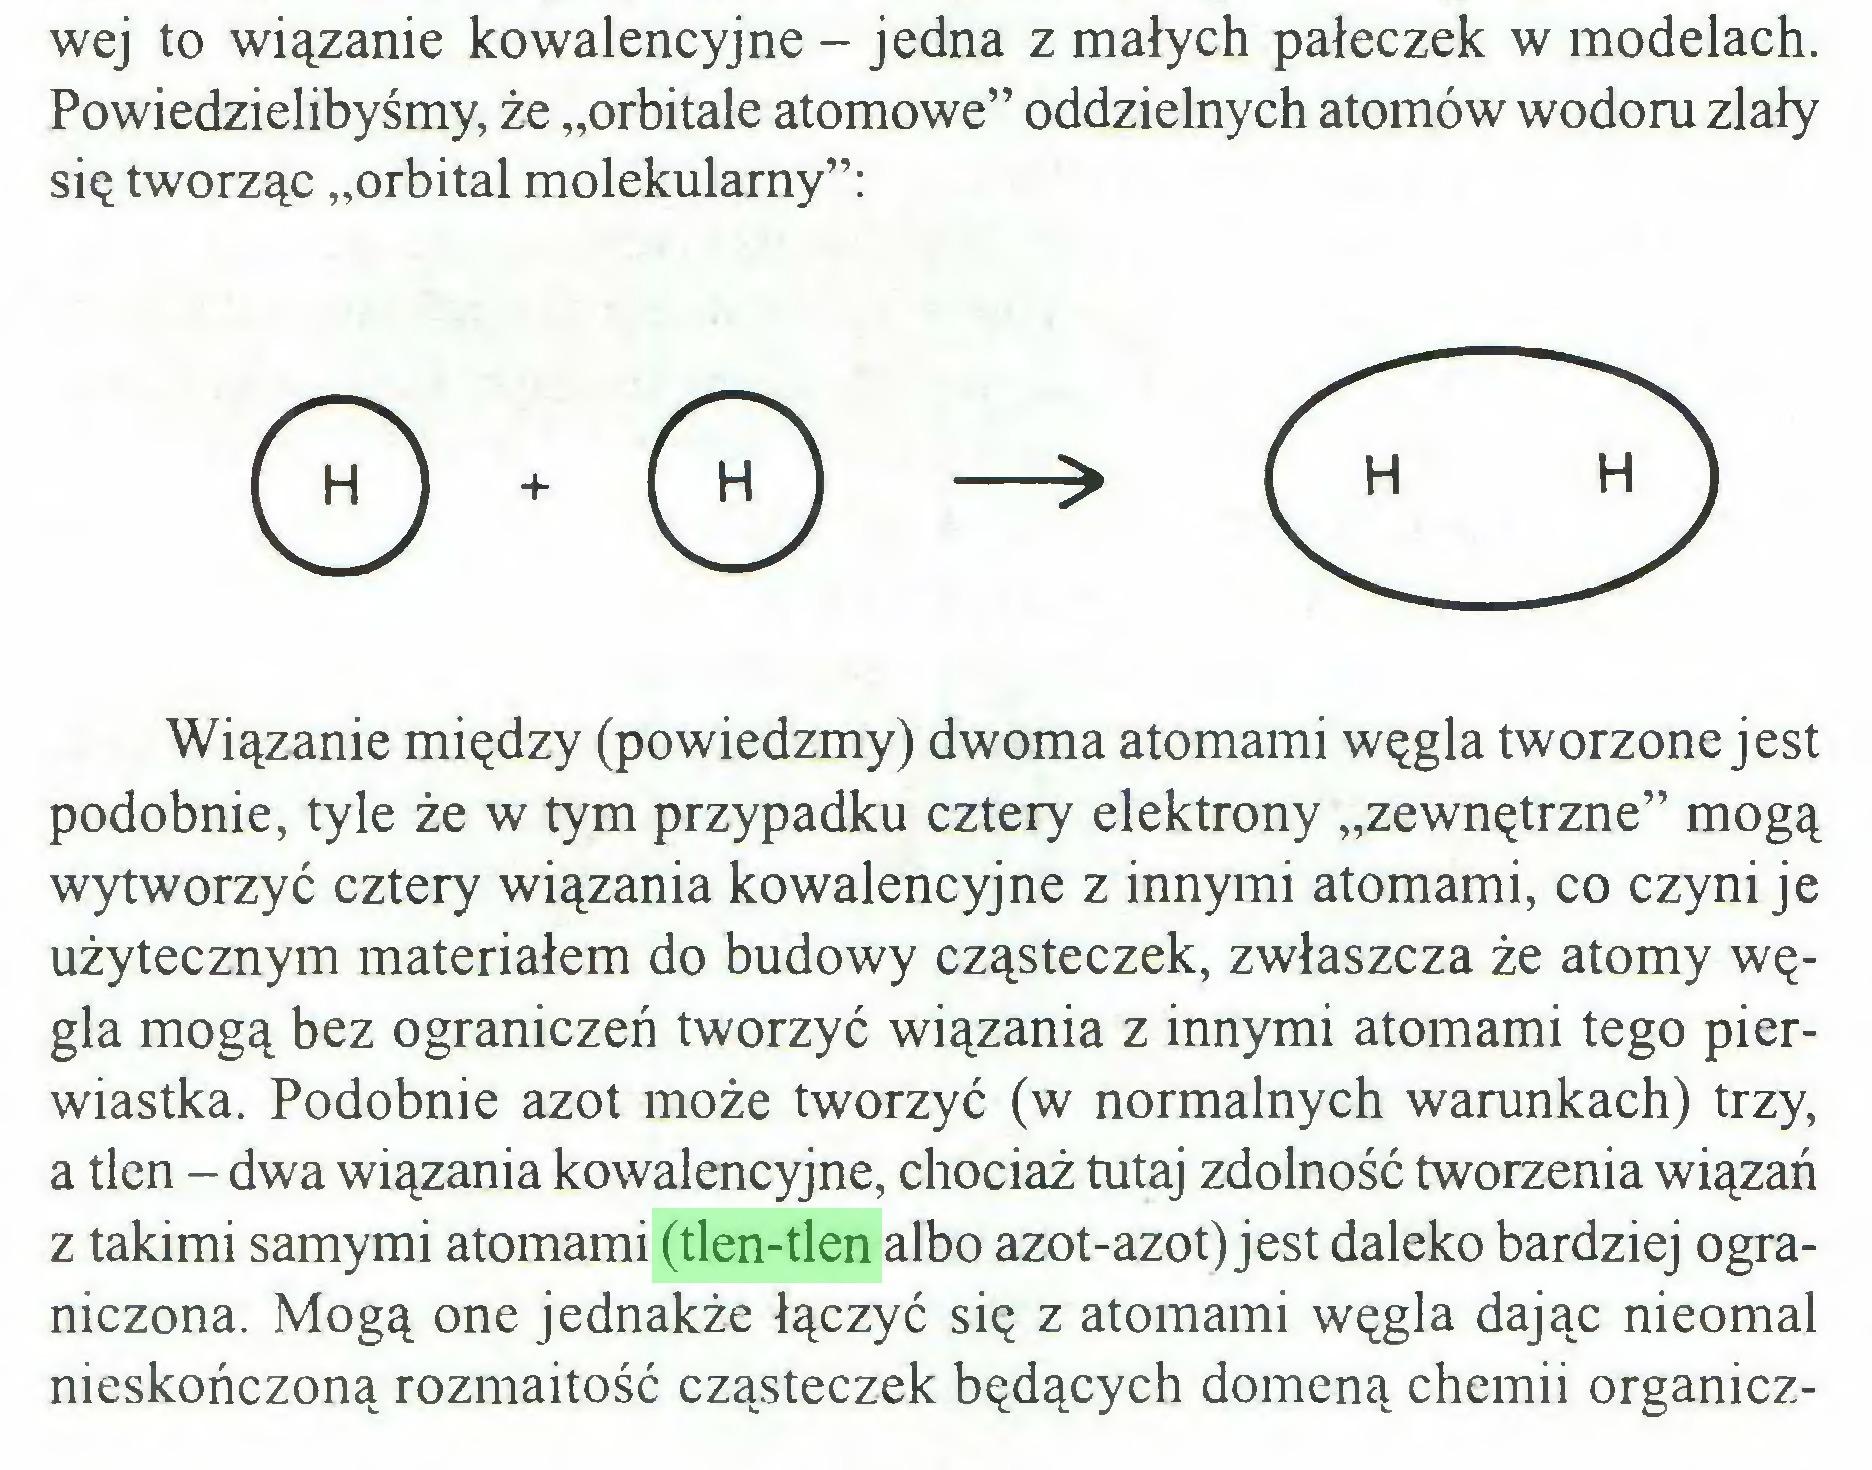 """(...) wej to wiązanie kowalencyjne - jedna z małych pałeczek w modelach. Powiedzielibyśmy, że """"orbitale atomowe"""" oddzielnych atomów wodoru zlały się tworząc """"orbital molekularny"""": Wiązanie między (powiedzmy) dwoma atomami węgla tworzone jest podobnie, tyle że w tym przypadku cztery elektrony """"zewnętrzne"""" mogą wytworzyć cztery wiązania kowalencyjne z innymi atomami, co czyni je użytecznym materiałem do budowy cząsteczek, zwłaszcza że atomy węgla mogą bez ograniczeń tworzyć wiązania z innymi atomami tego pierwiastka. Podobnie azot może tworzyć (w normalnych warunkach) trzy, a tlen - dwa wiązania kowalencyjne, chociaż tutaj zdolność tworzenia wiązań z takimi samymi atomami (tlen-tlen albo azot-azot) jest daleko bardziej ograniczona. Mogą one jednakże łączyć się z atomami węgla dając nieomal nieskończoną rozmaitość cząsteczek będących domeną chemii organicz..."""